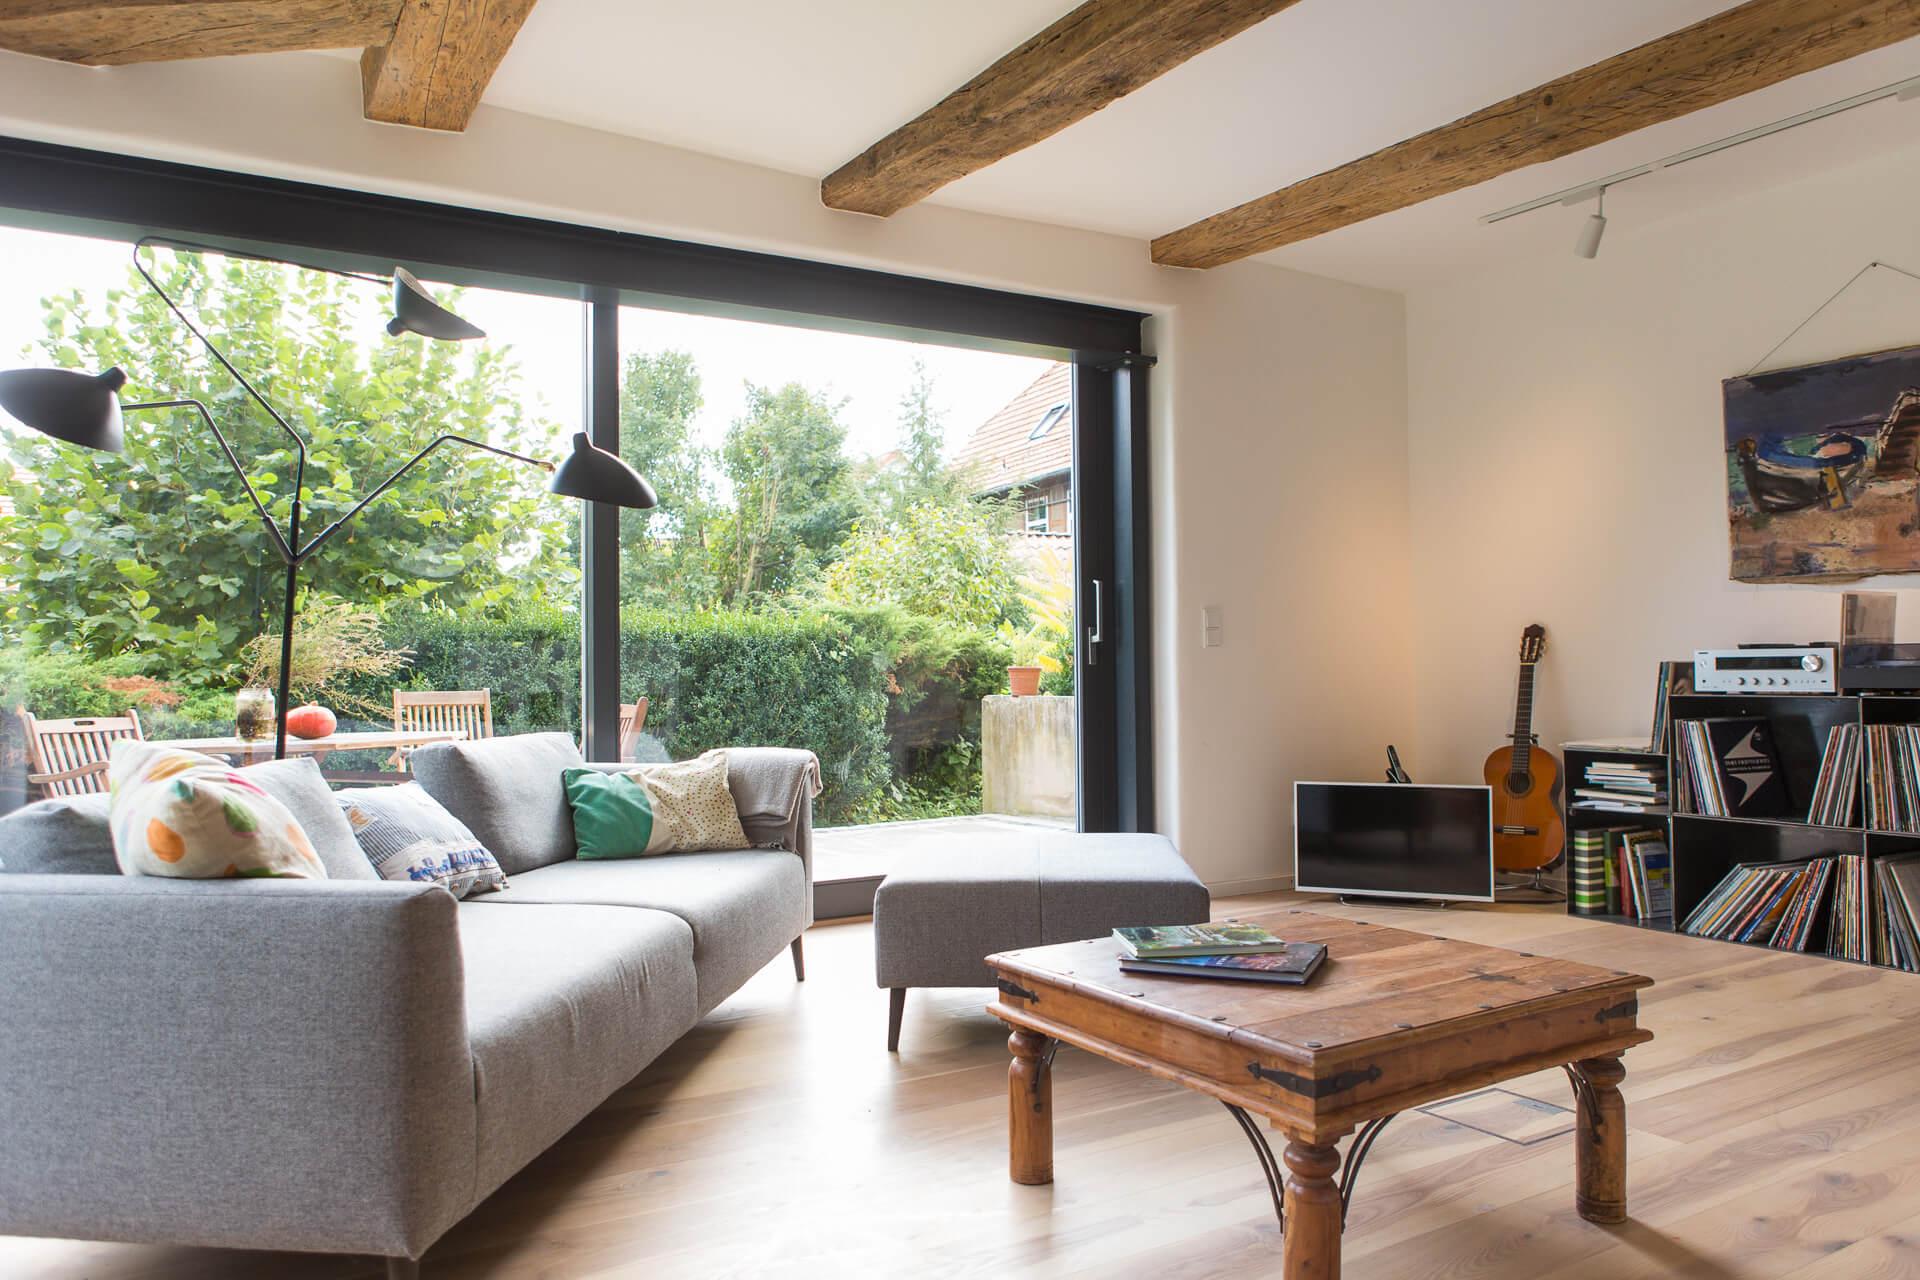 Foto Ryan Baugestaltung Fachwerkhaus Goettingen Wohnzimmer mit Couch und großen Terassenfenstern